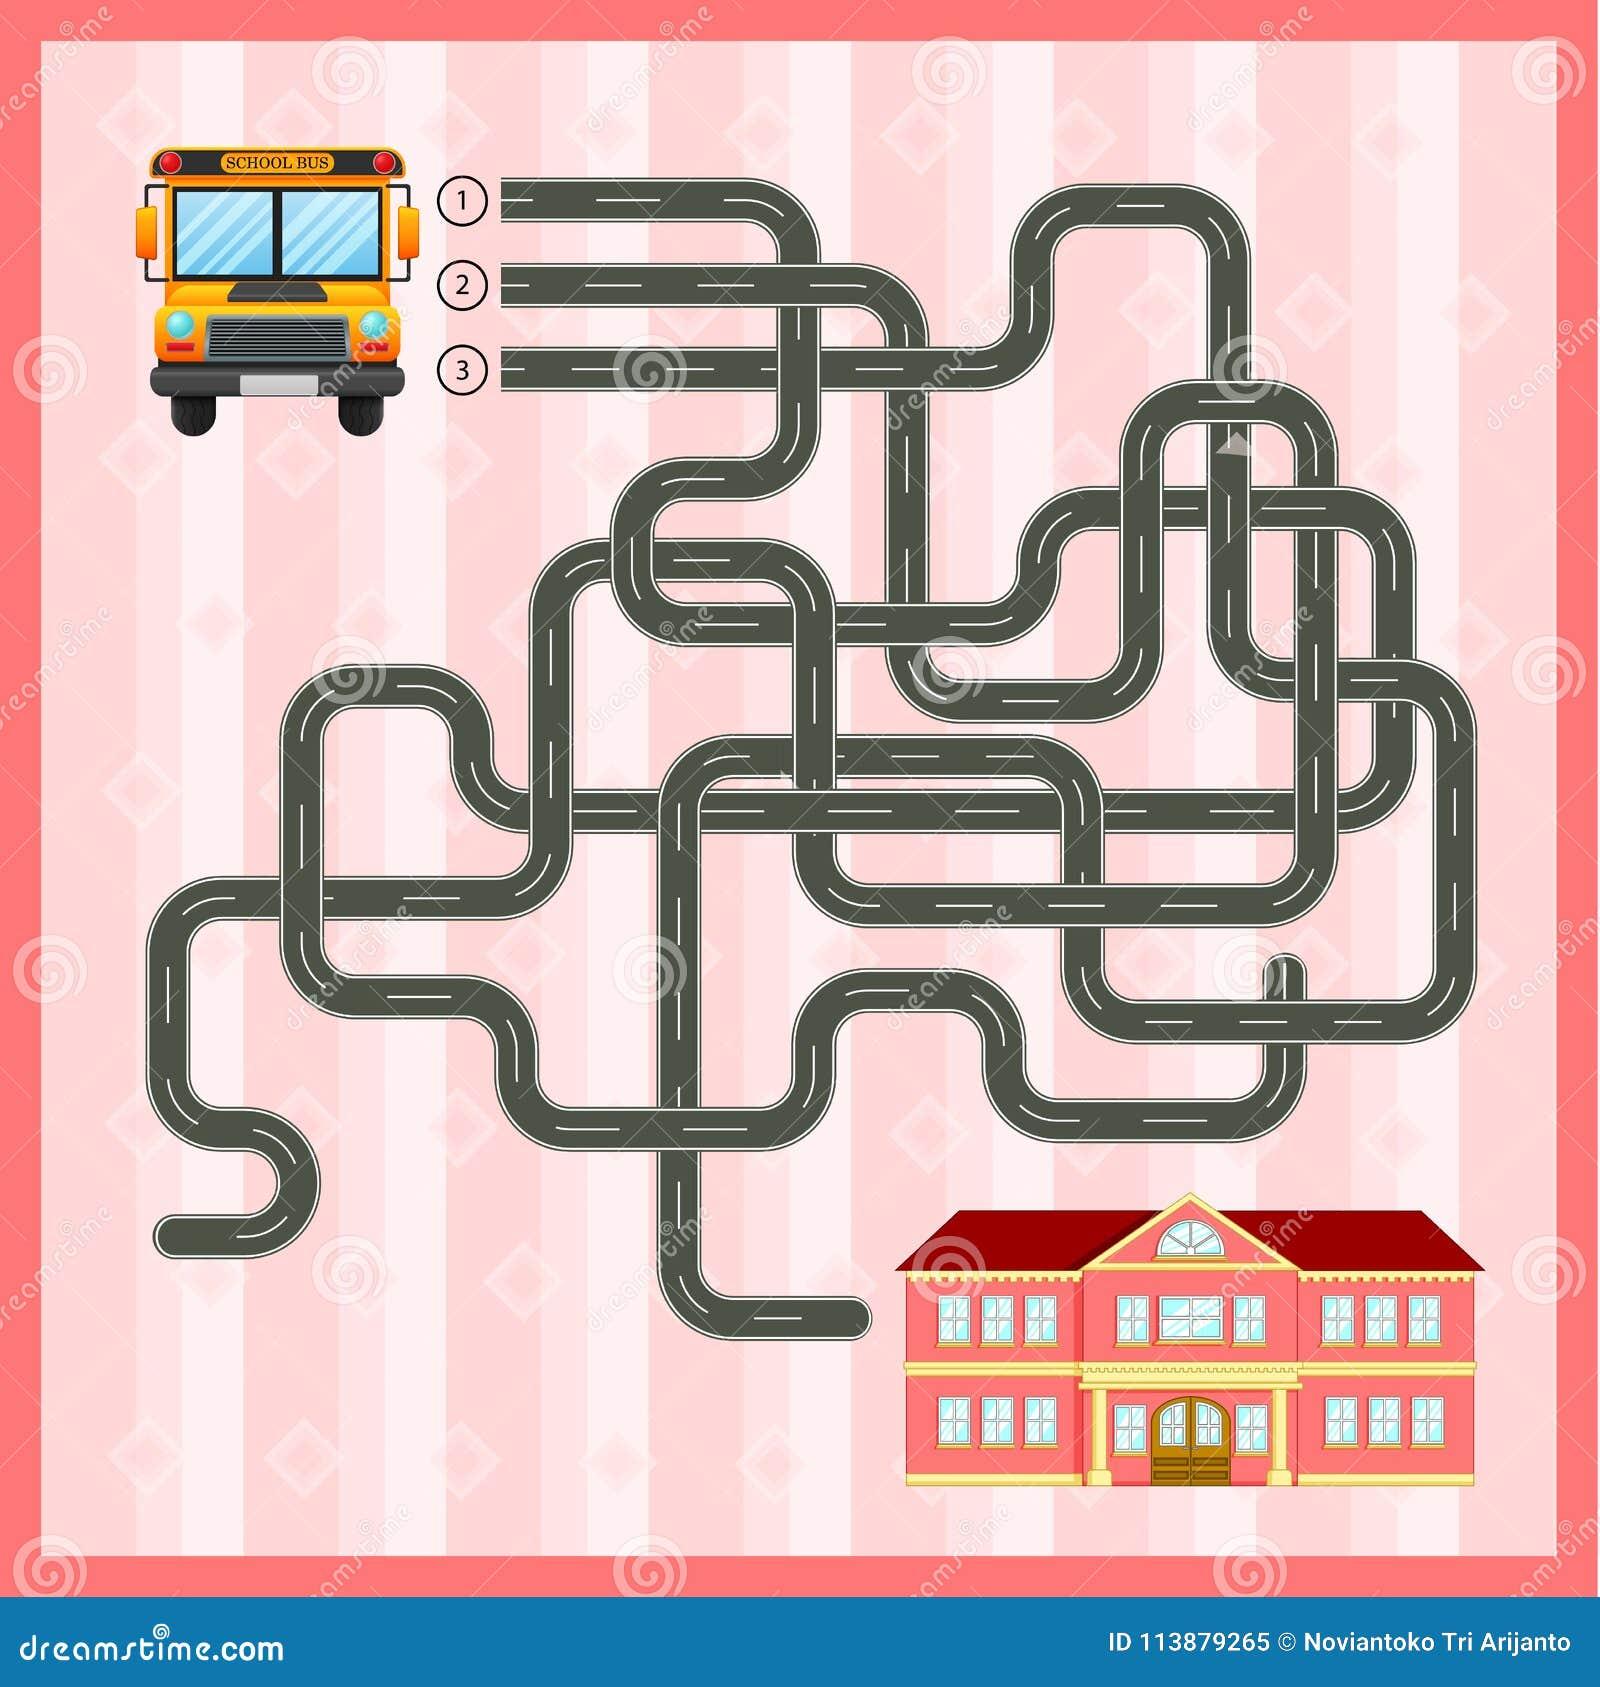 Plantilla Del Juego Del Laberinto Con El Autobús Escolar Ilustración ...